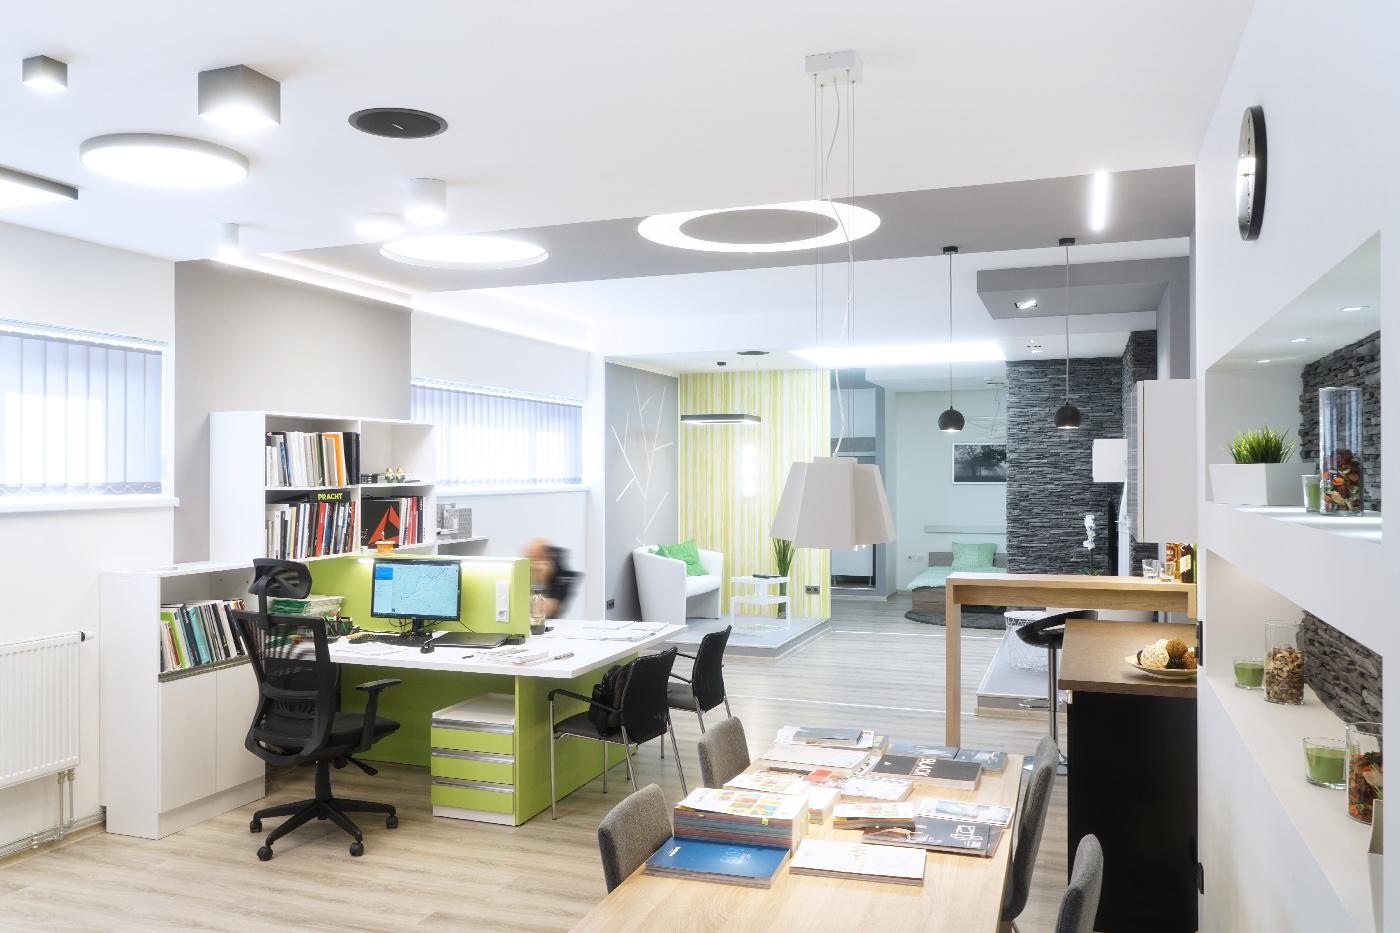 Součástí showroomu jsou i pracovní místa pro obchodníky a techniky.